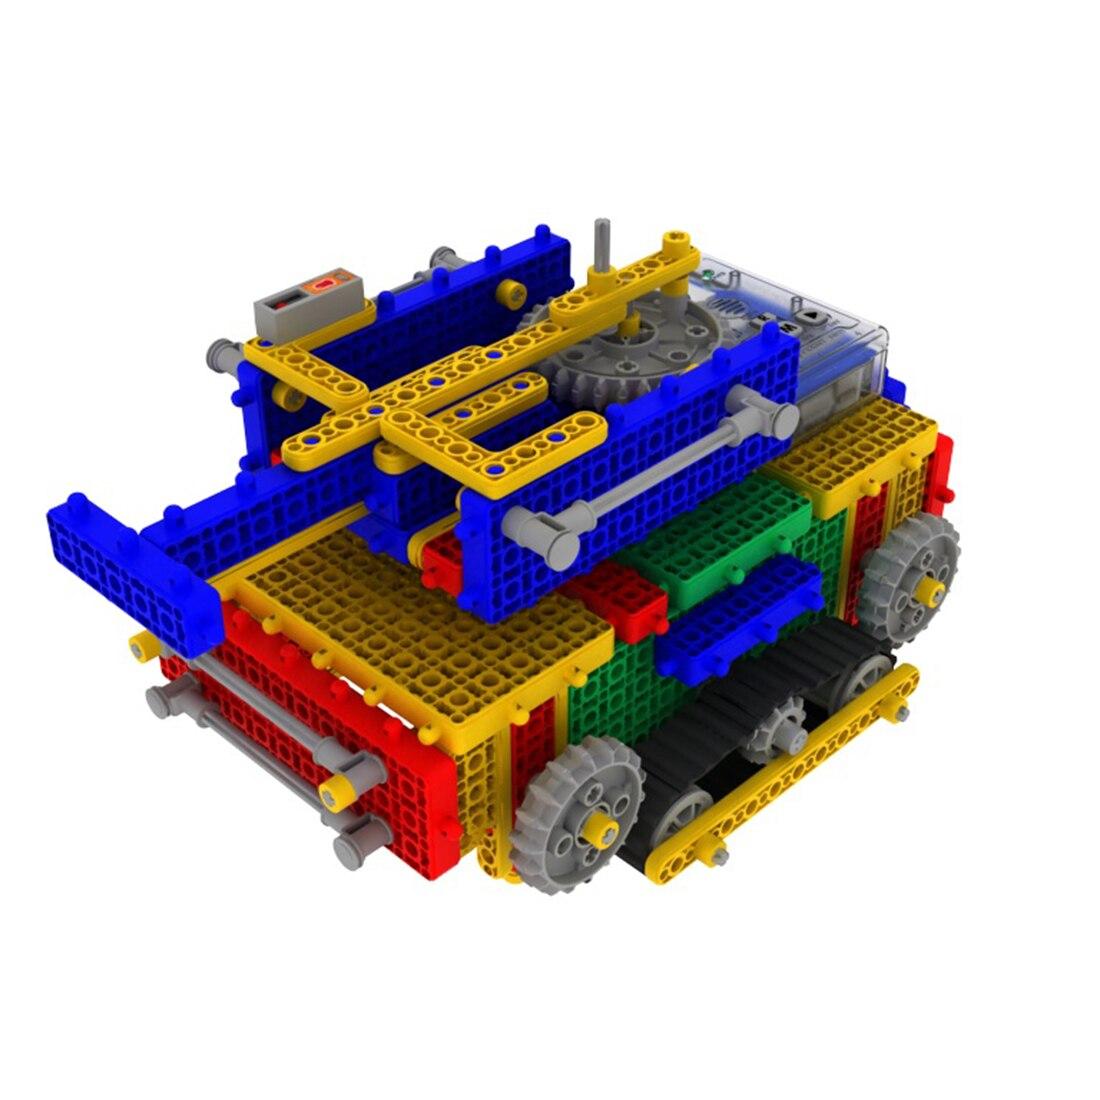 mrt 1 cerebro fk robos coloridos bulding bloco 04